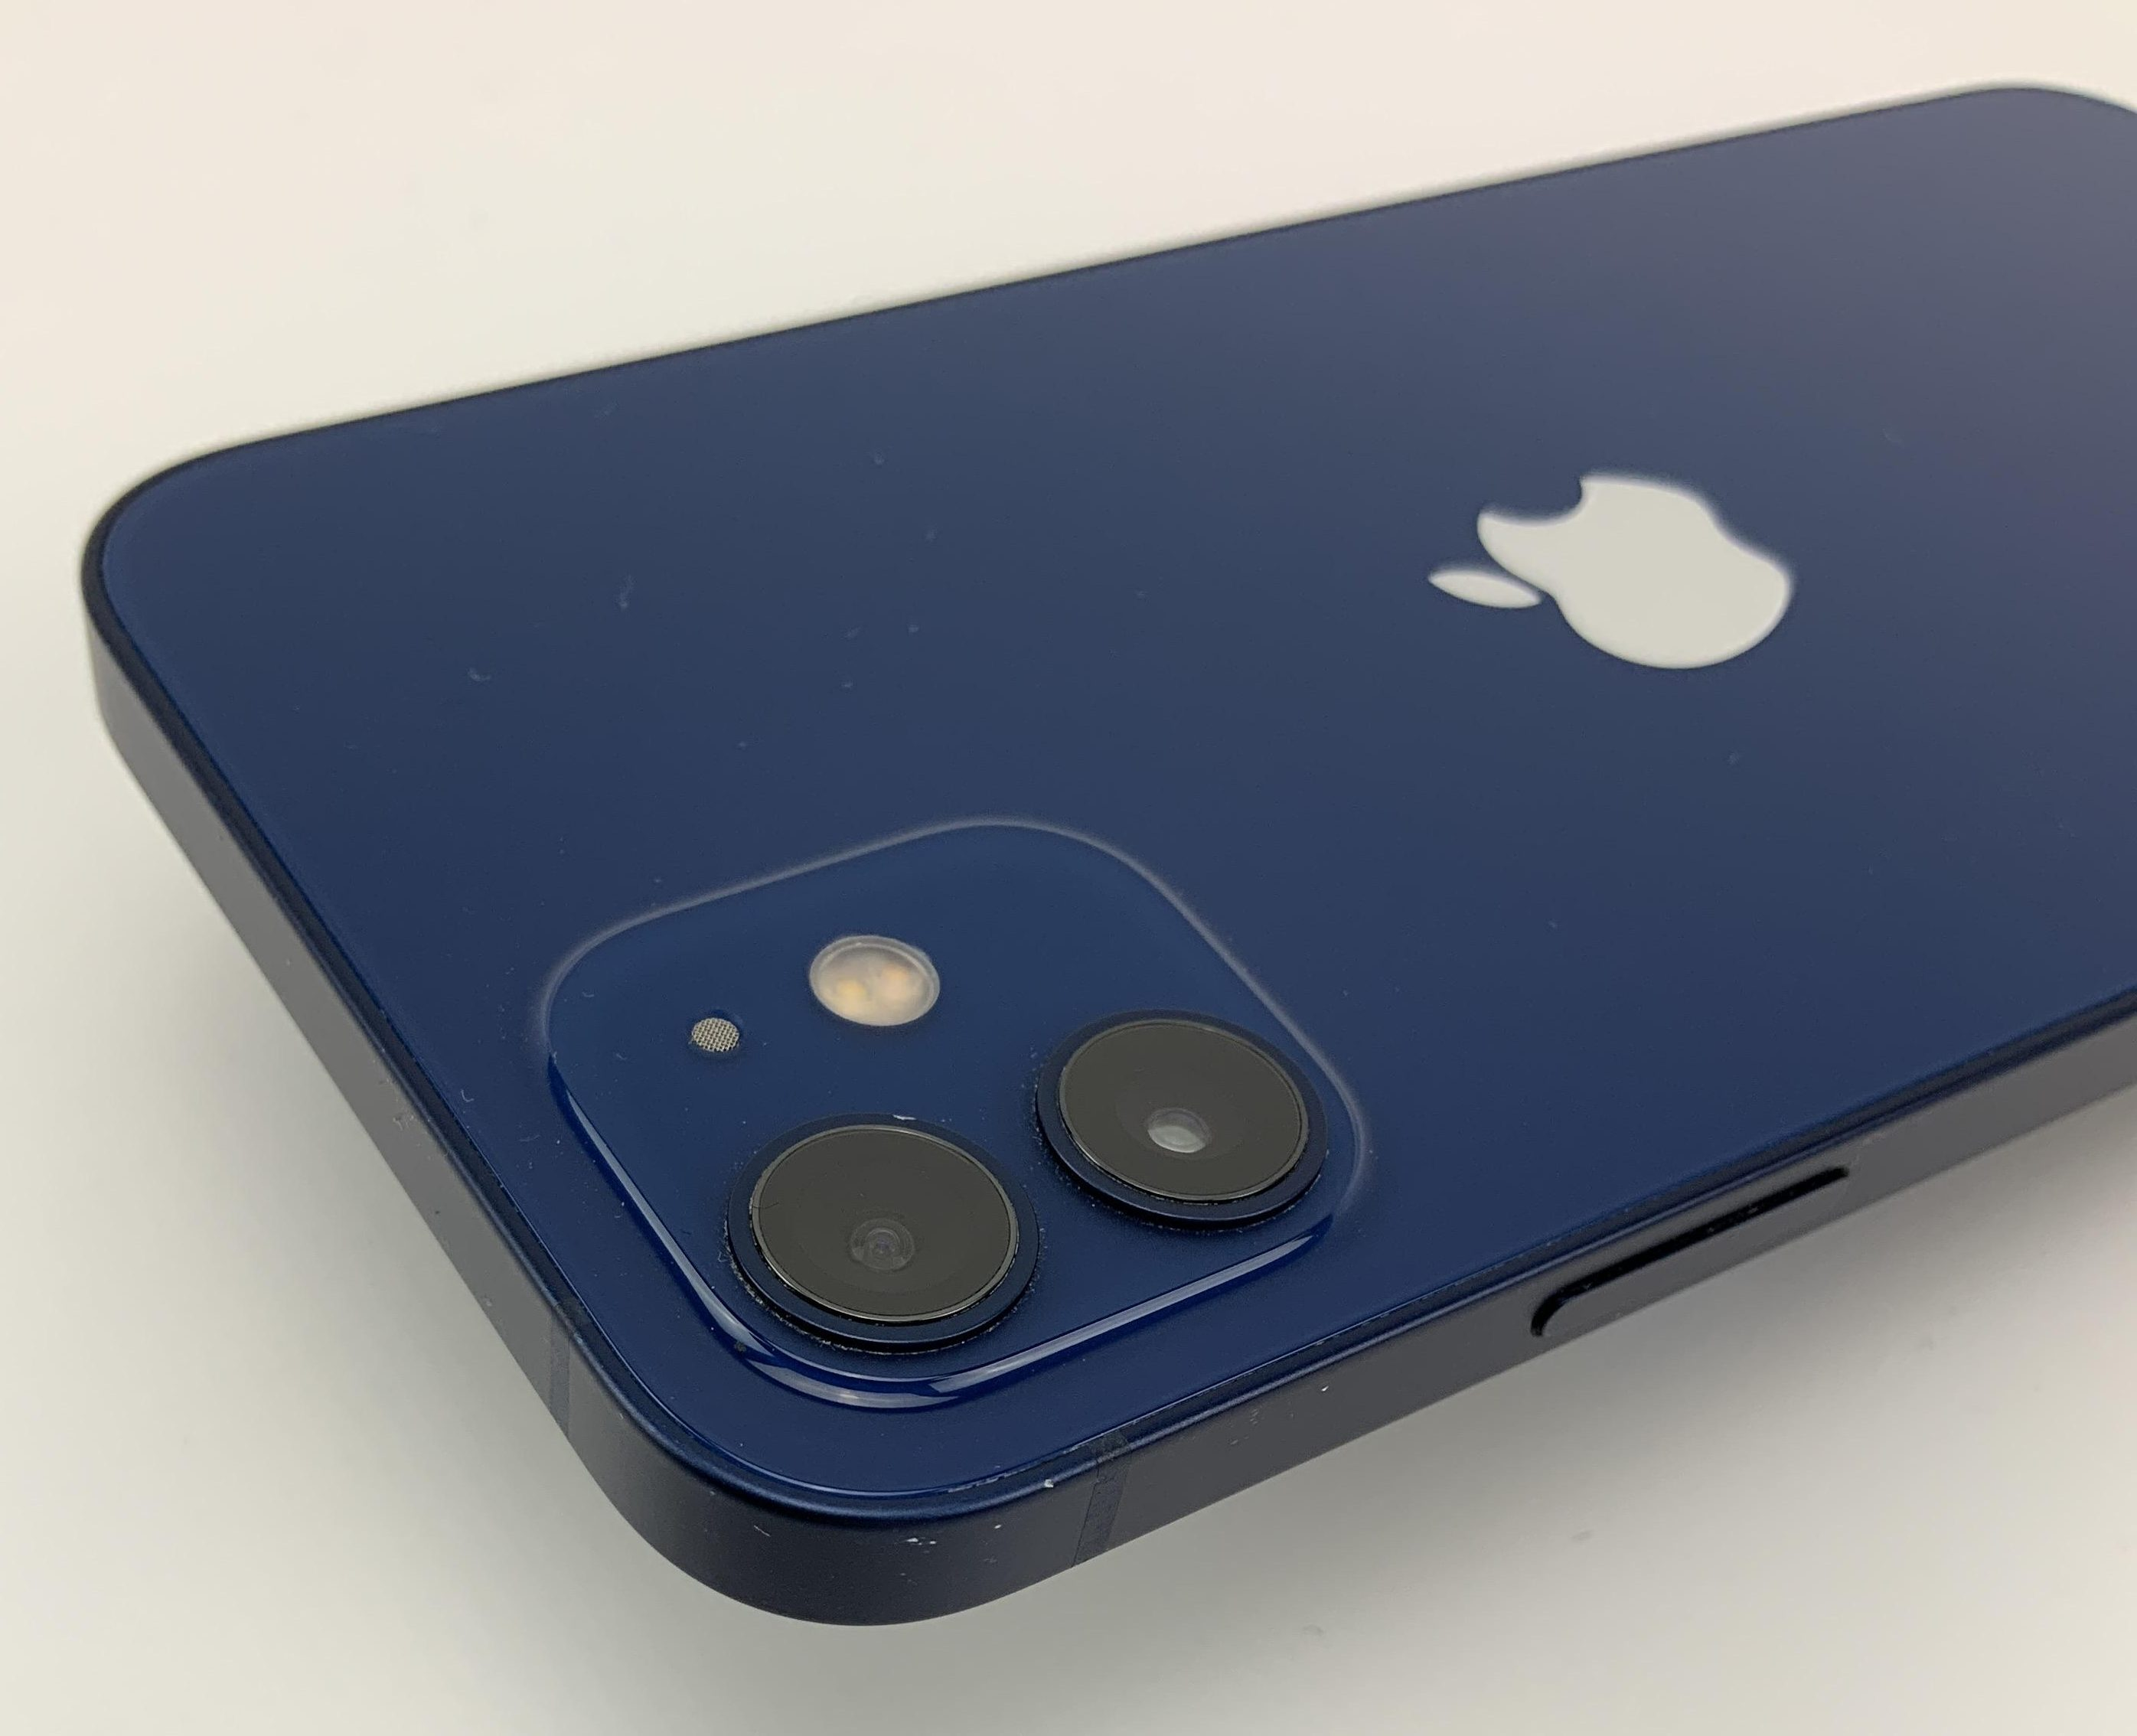 iPhone 12 128GB, 128GB, Blue, immagine 4